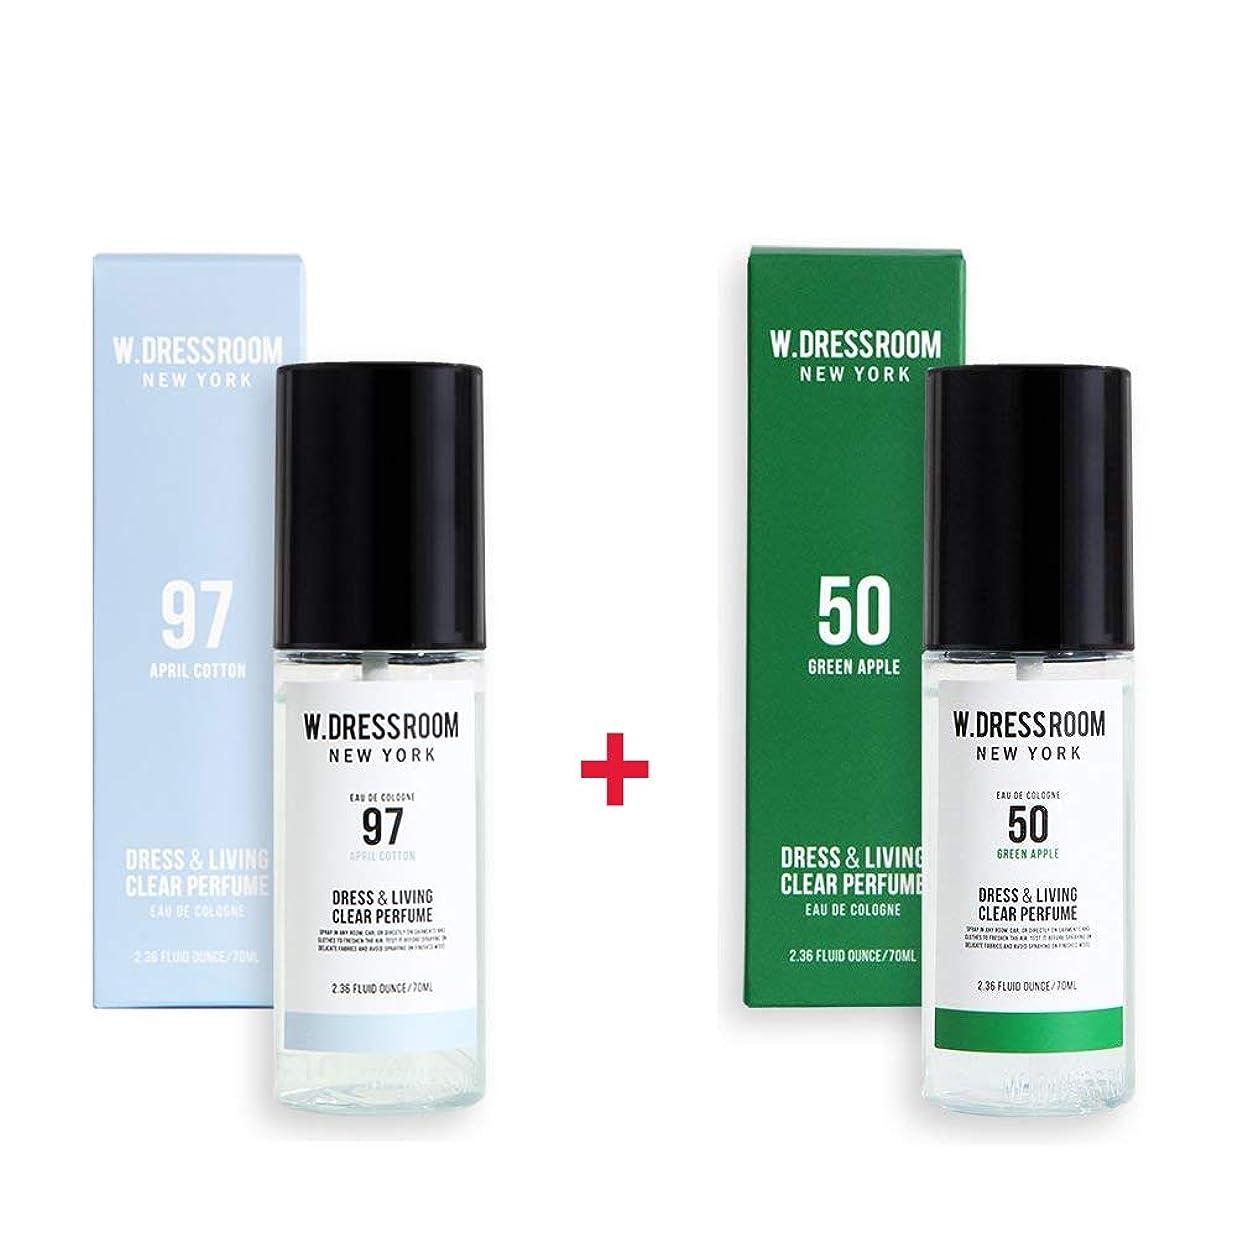 月曜日スキャンダルガスW.DRESSROOM Dress & Living Clear Perfume 70ml (No 97 April Cotton)+(No 50 Green Apple)